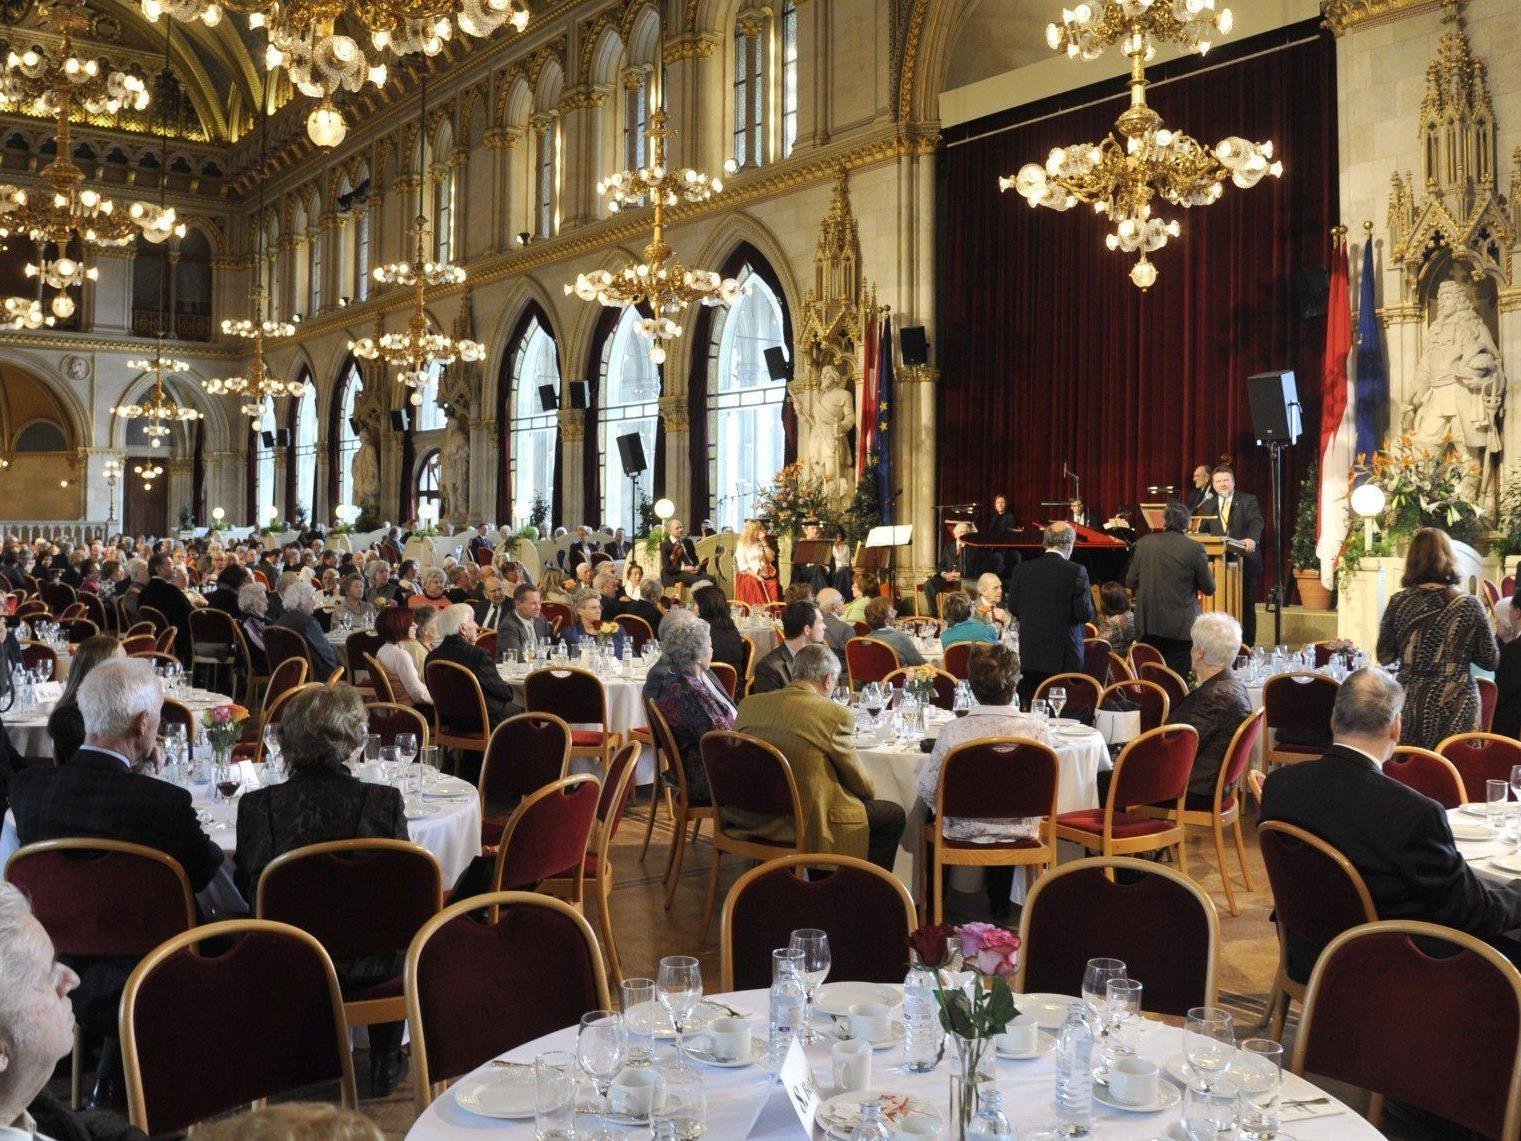 976 Ehepaare, die ihr Goldenes, Diamantenes oder späteres Hochzeitsjubiläum feiern, wurden von Bürgermeister Michael Häupl ins Wiener Rathaus eingeladen